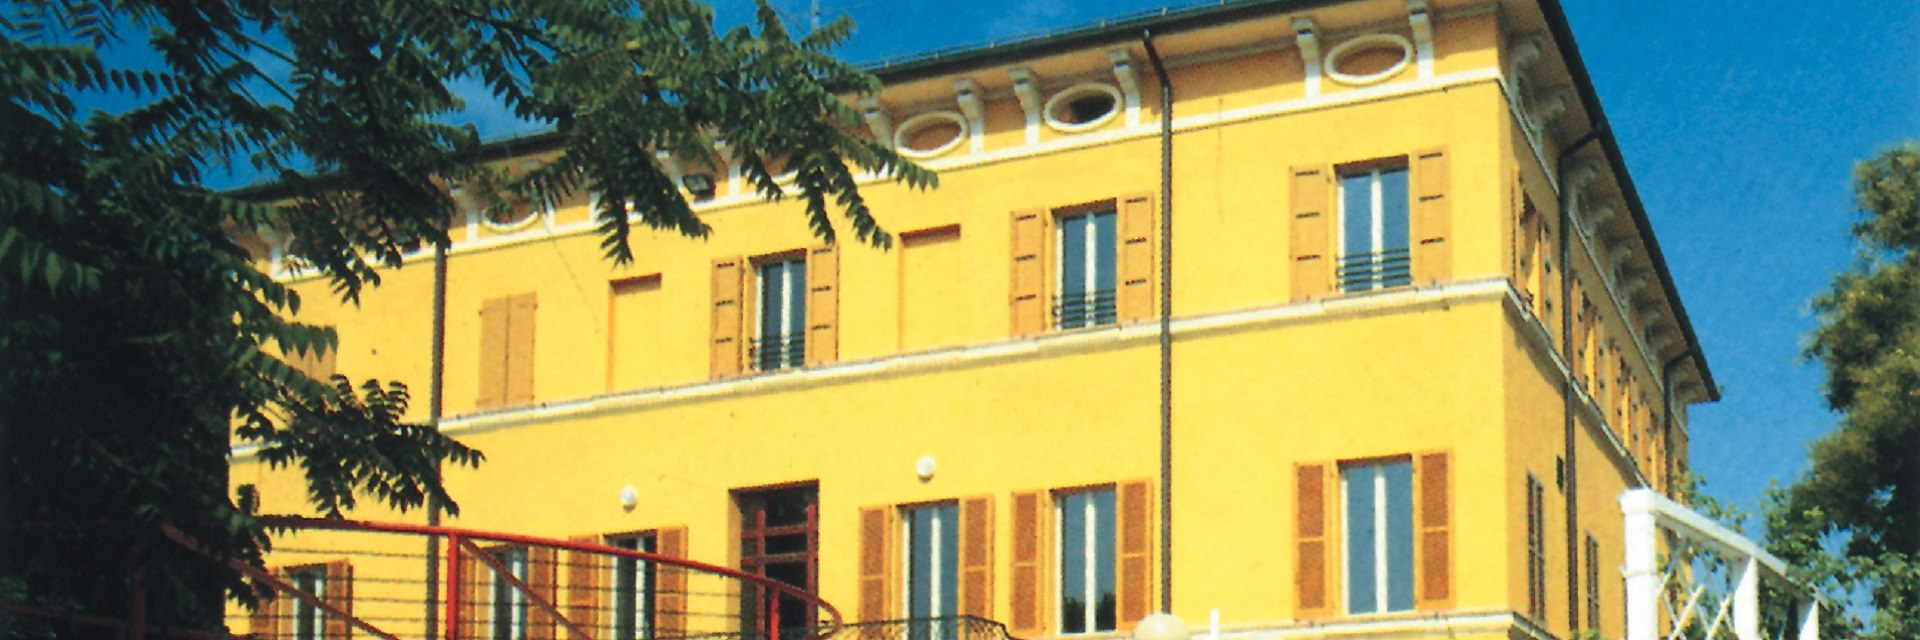 Villa Cuoghi